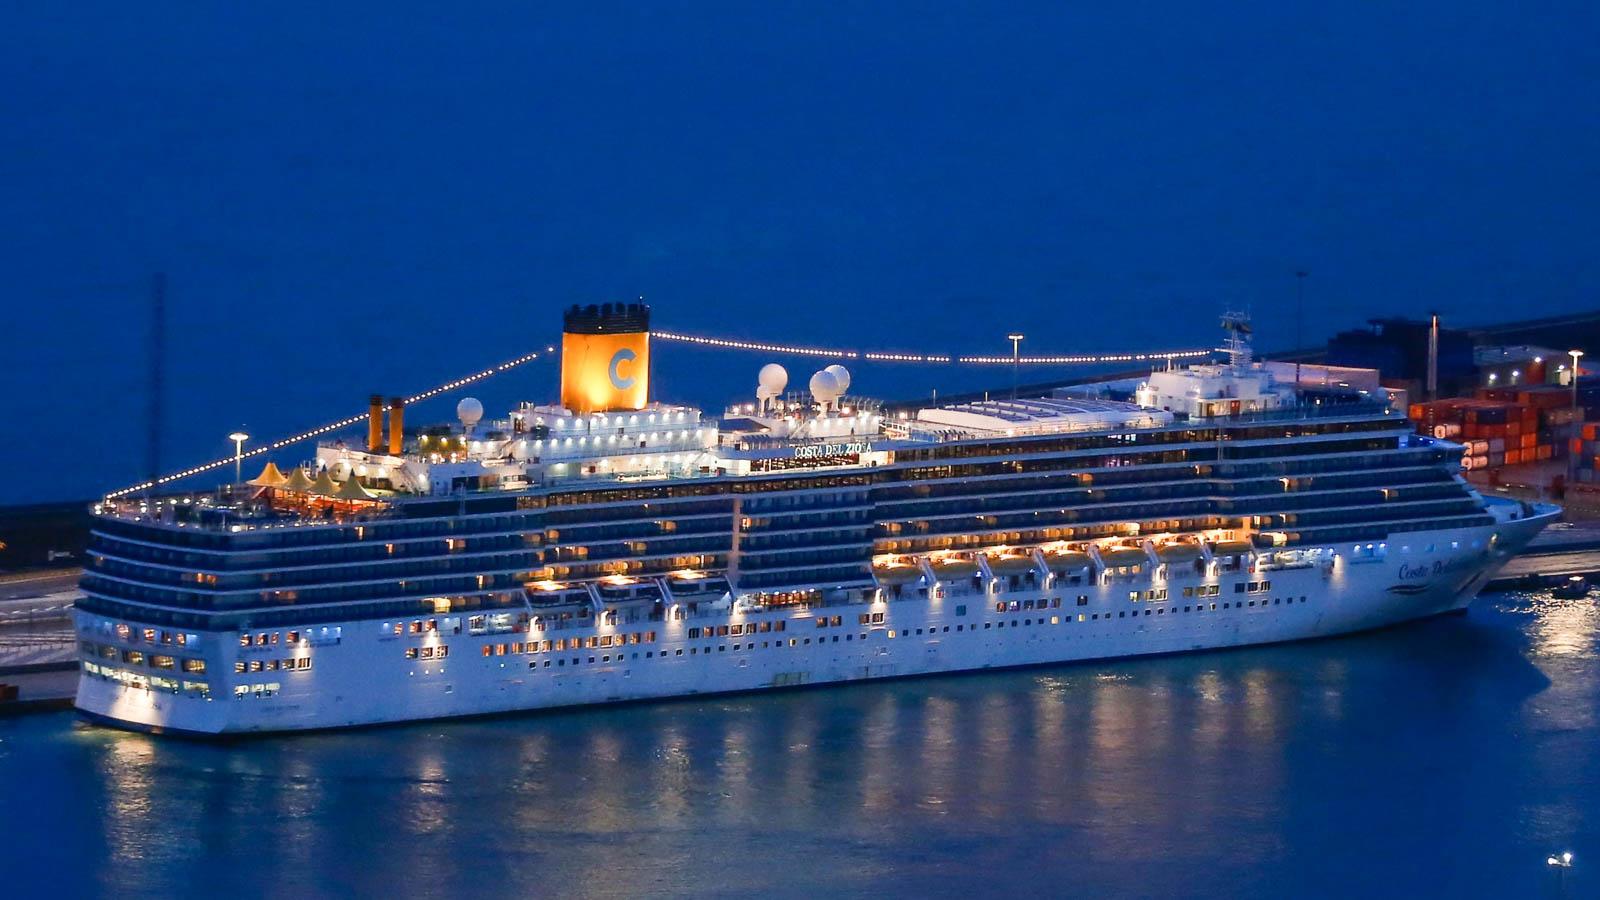 Last cruise ship at sea finally reaches port | CNN Travel